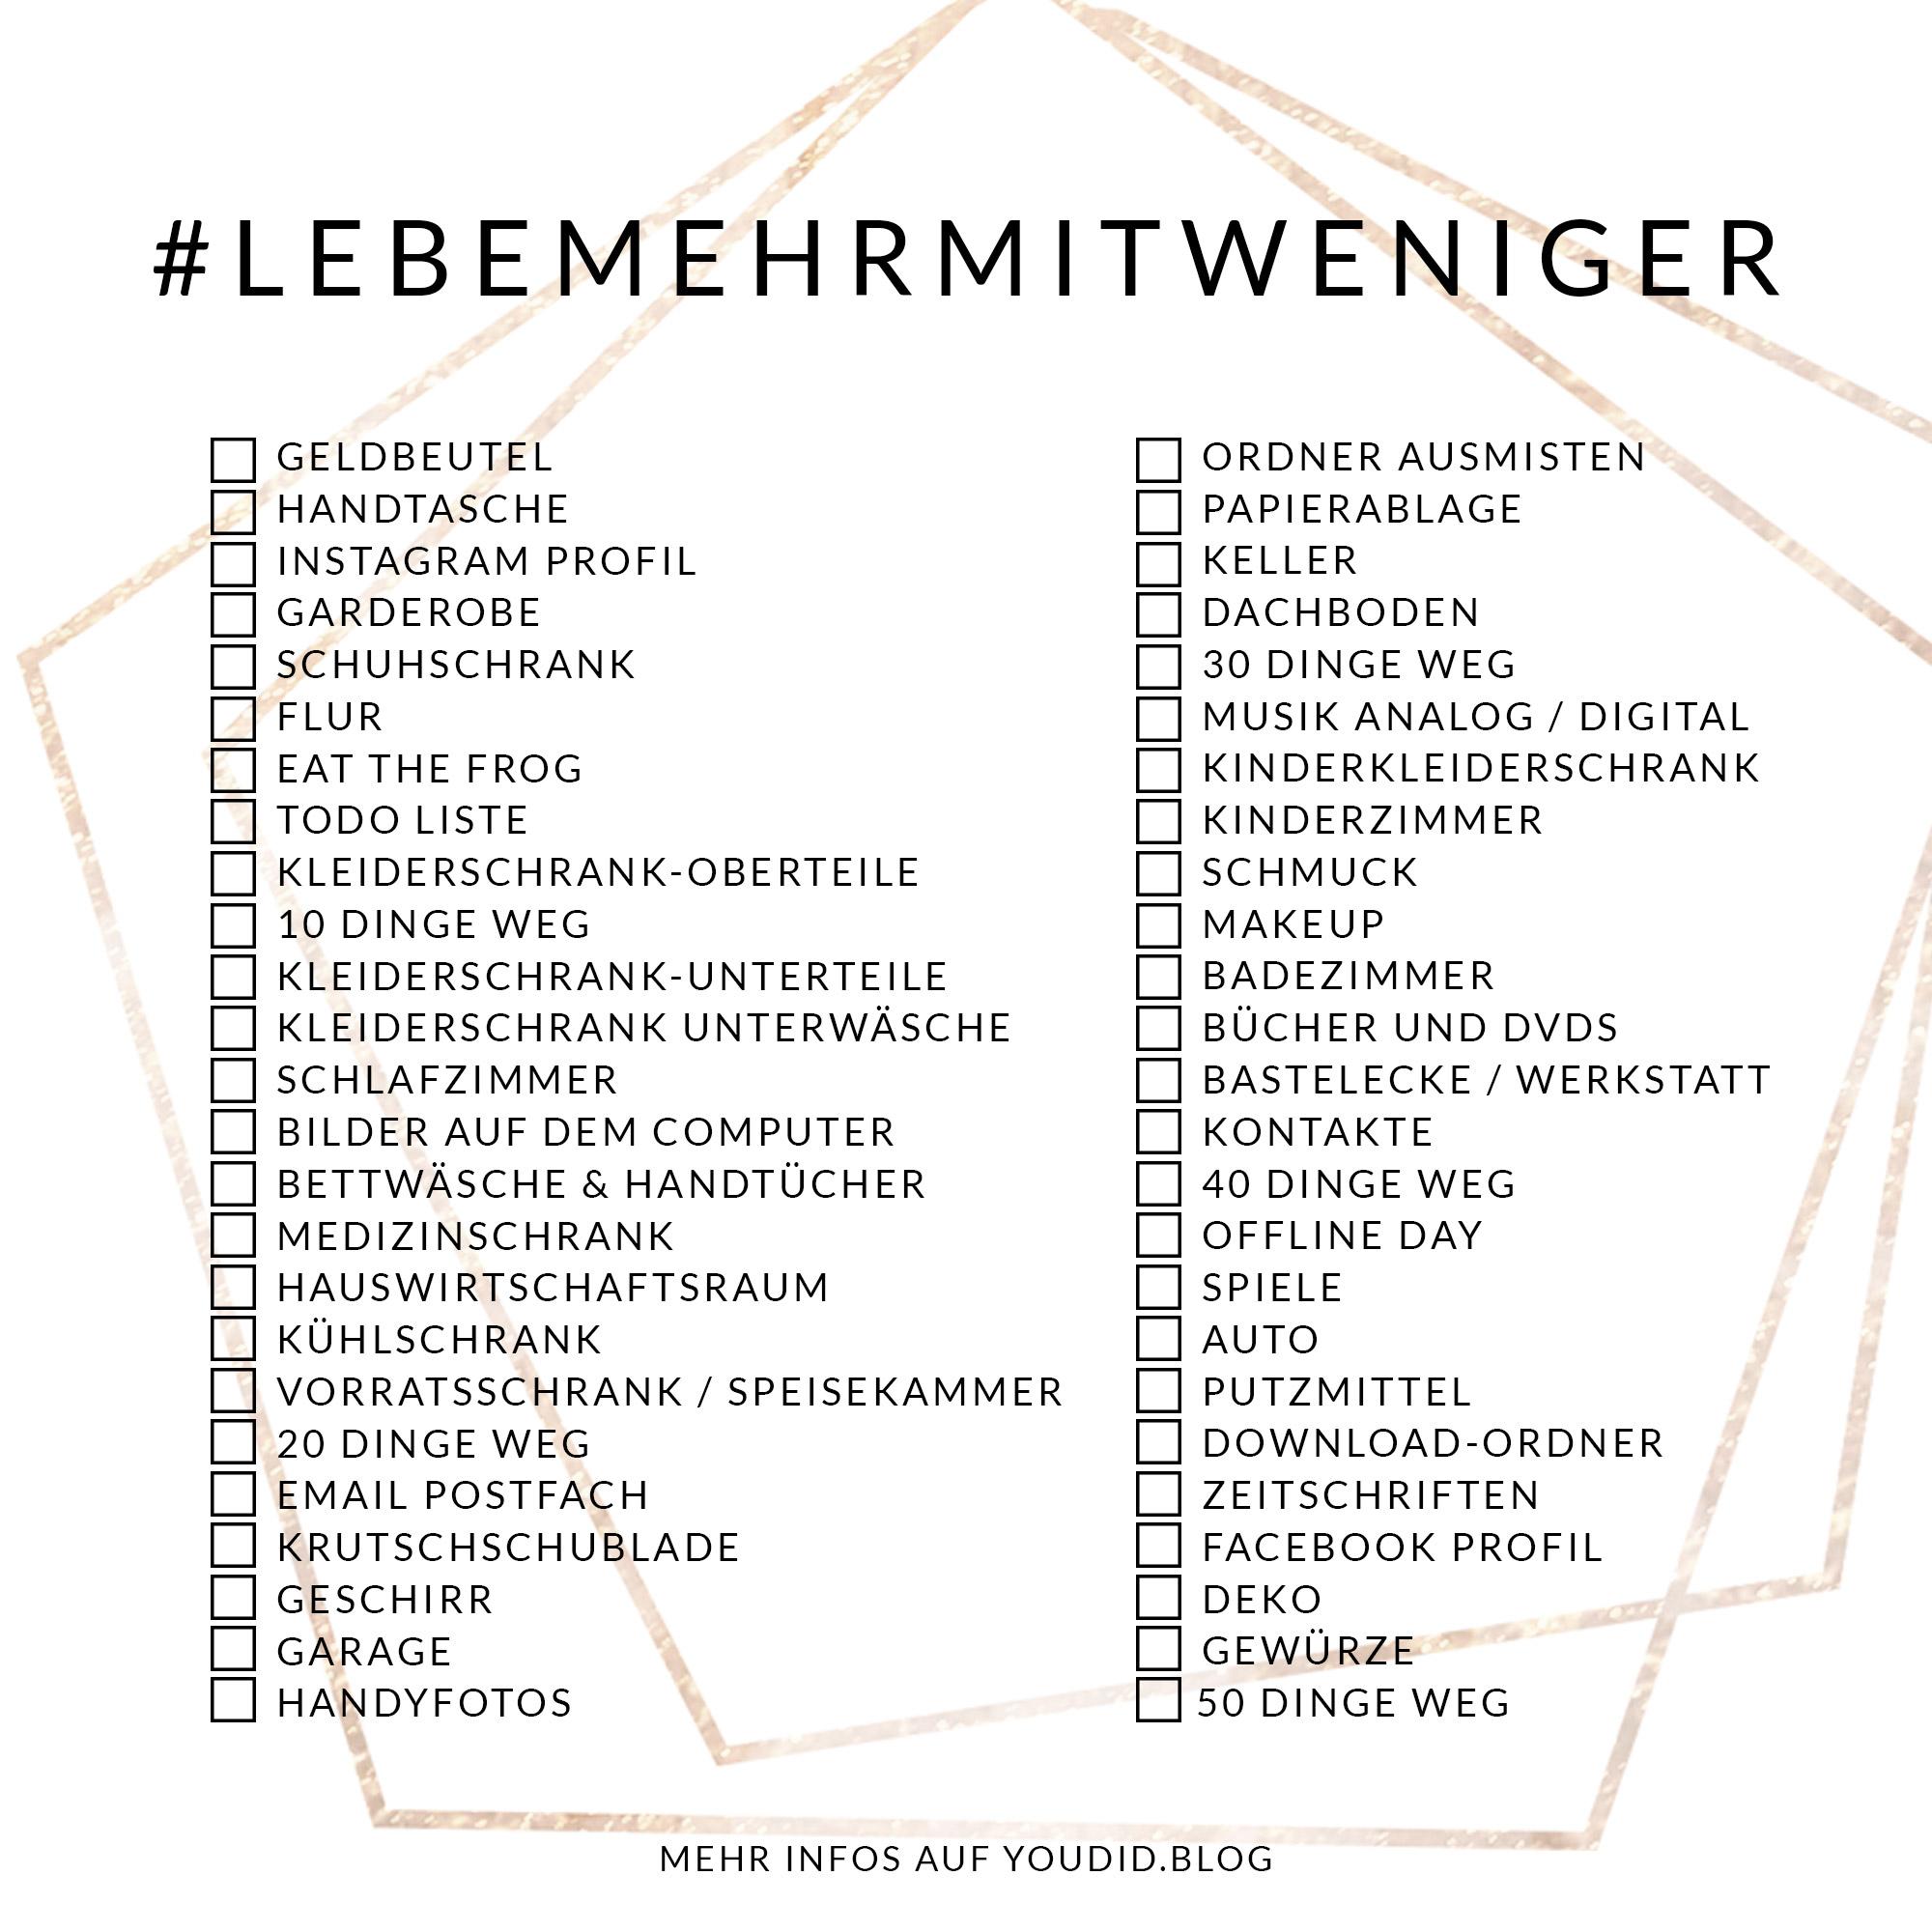 LebeMehrMitWeniger Challenge - denn weniger befreit - Youdid